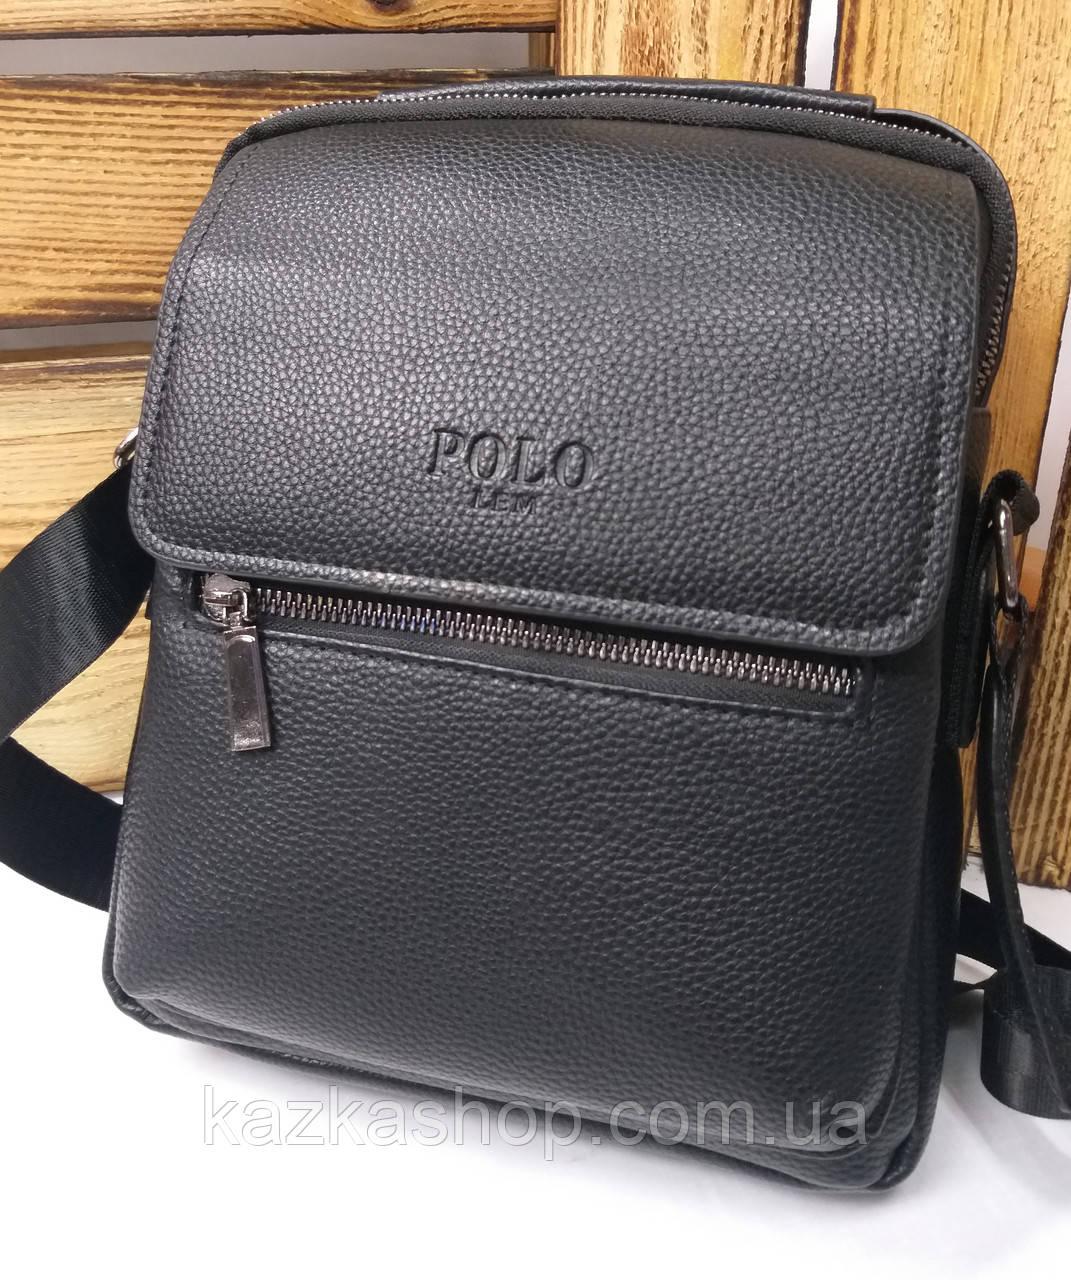 Мужская сумка Polo черного цвета на один отдел,  два ремешка, несъемный регулируемый ремень